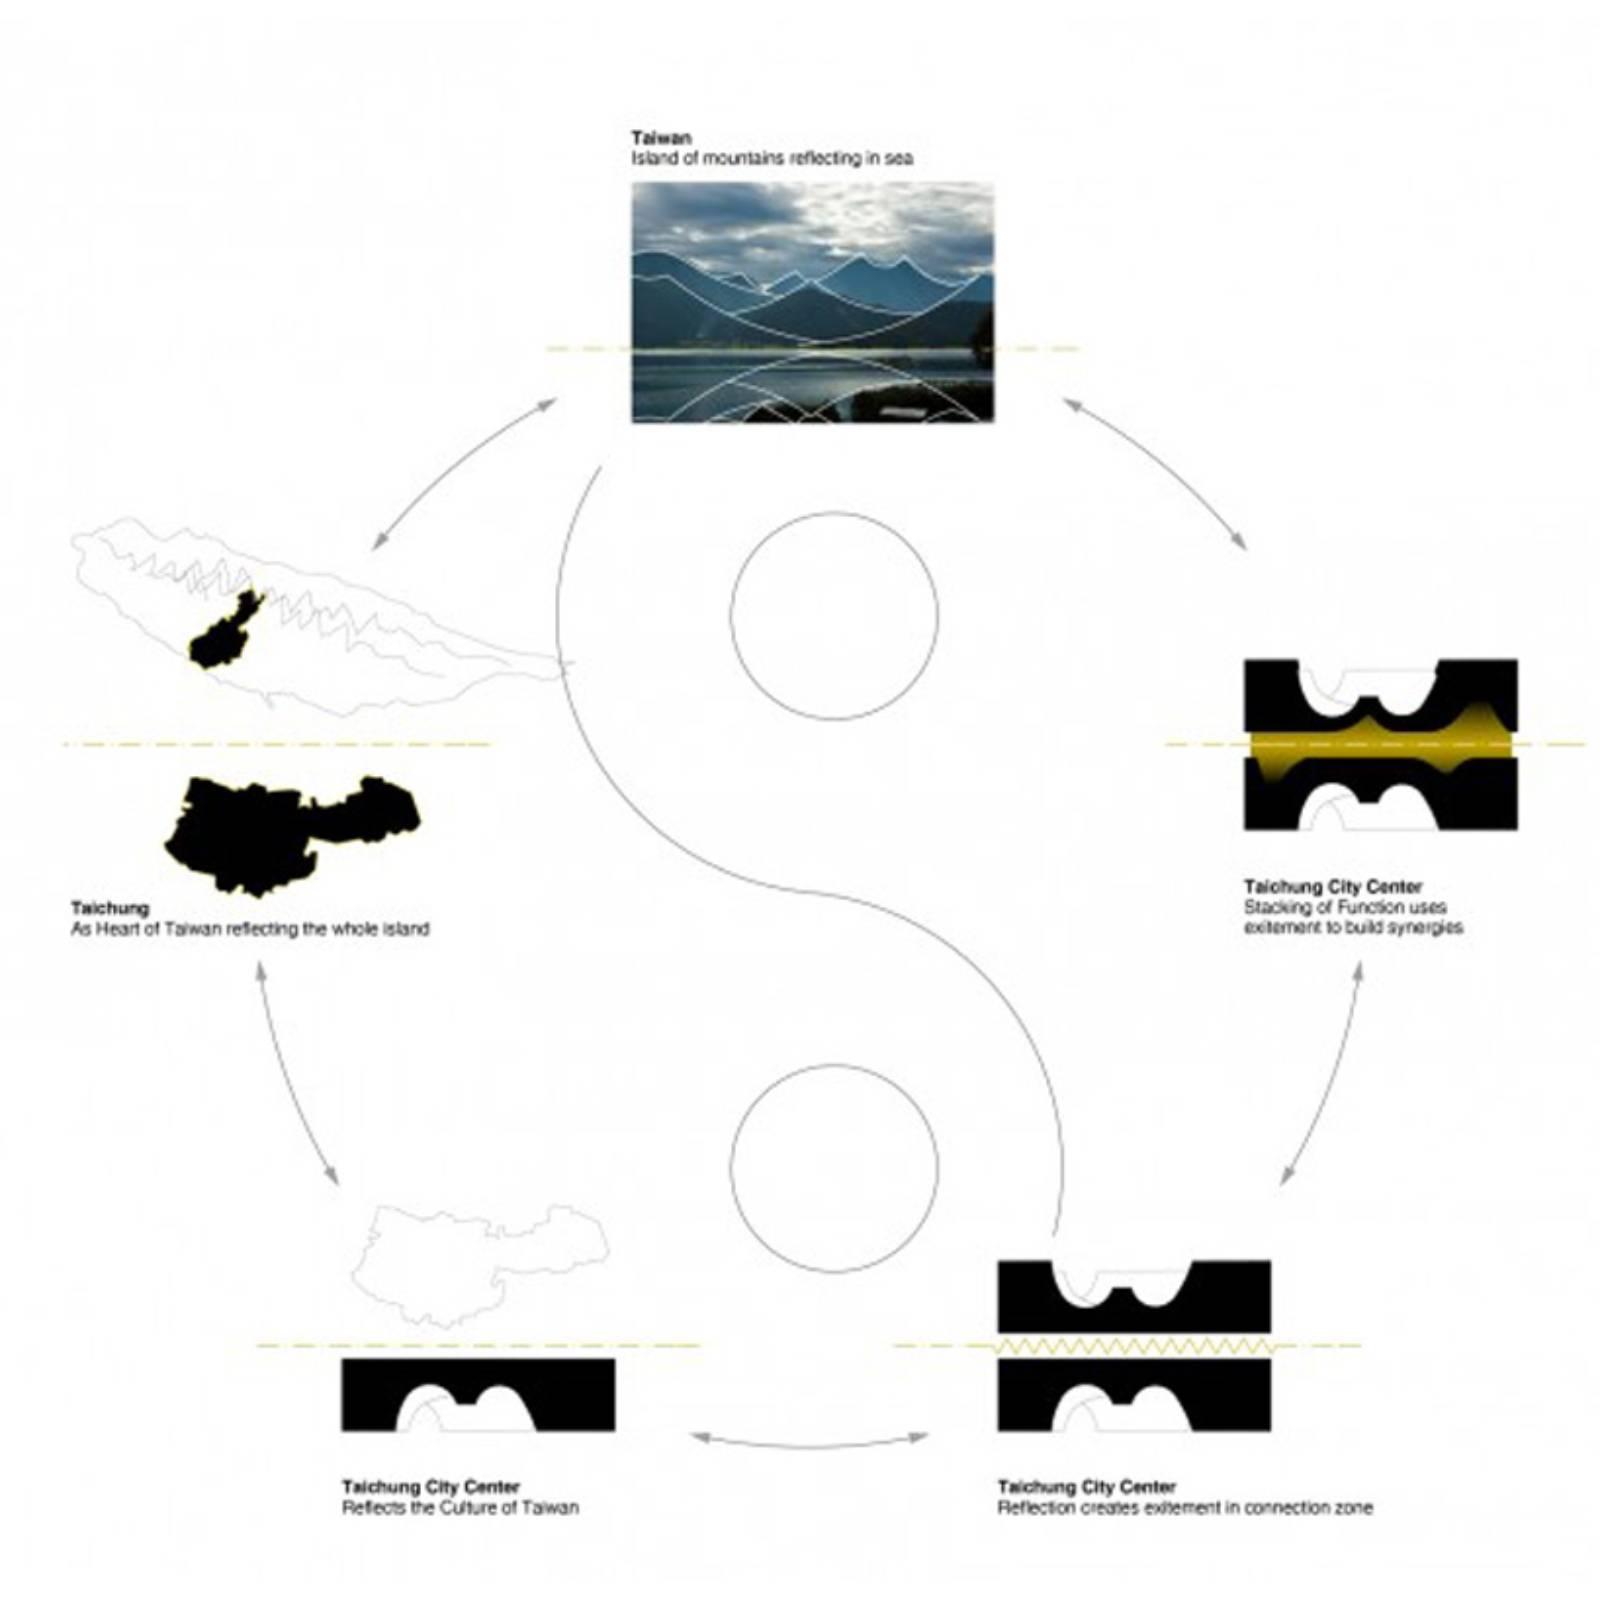 Keystone Arch Diagram 2006 Wrangler Tj Wiring Taichung City Cultural Center Entry By Alleswirdgut